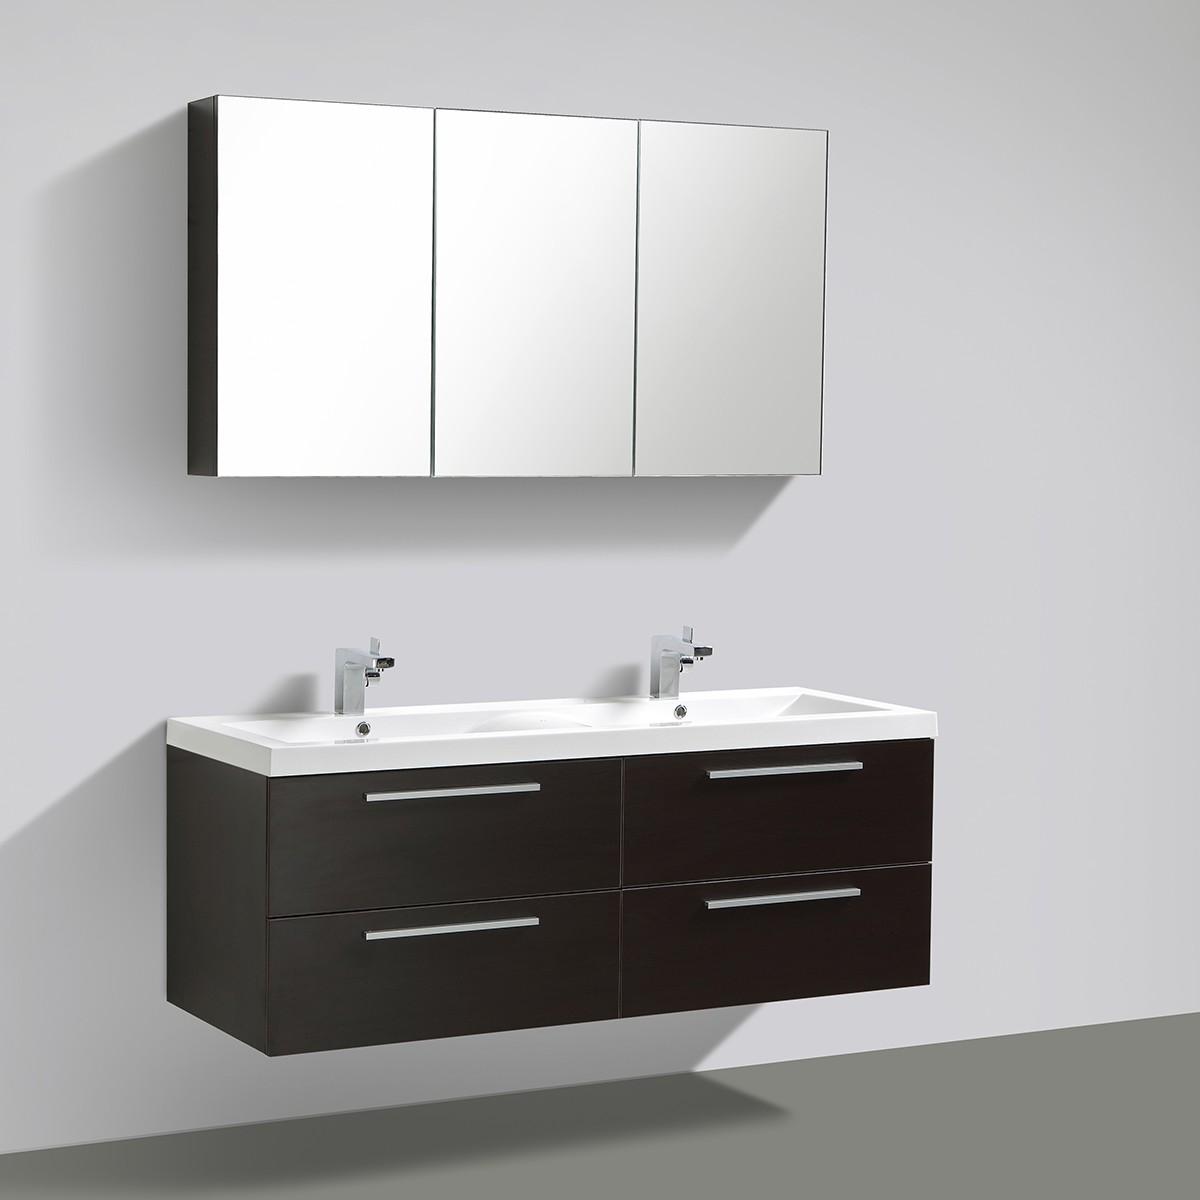 badm bel set sydney doppelwaschtisch in weiss anthrazit oder wenge badm bel doppelwaschbecken. Black Bedroom Furniture Sets. Home Design Ideas